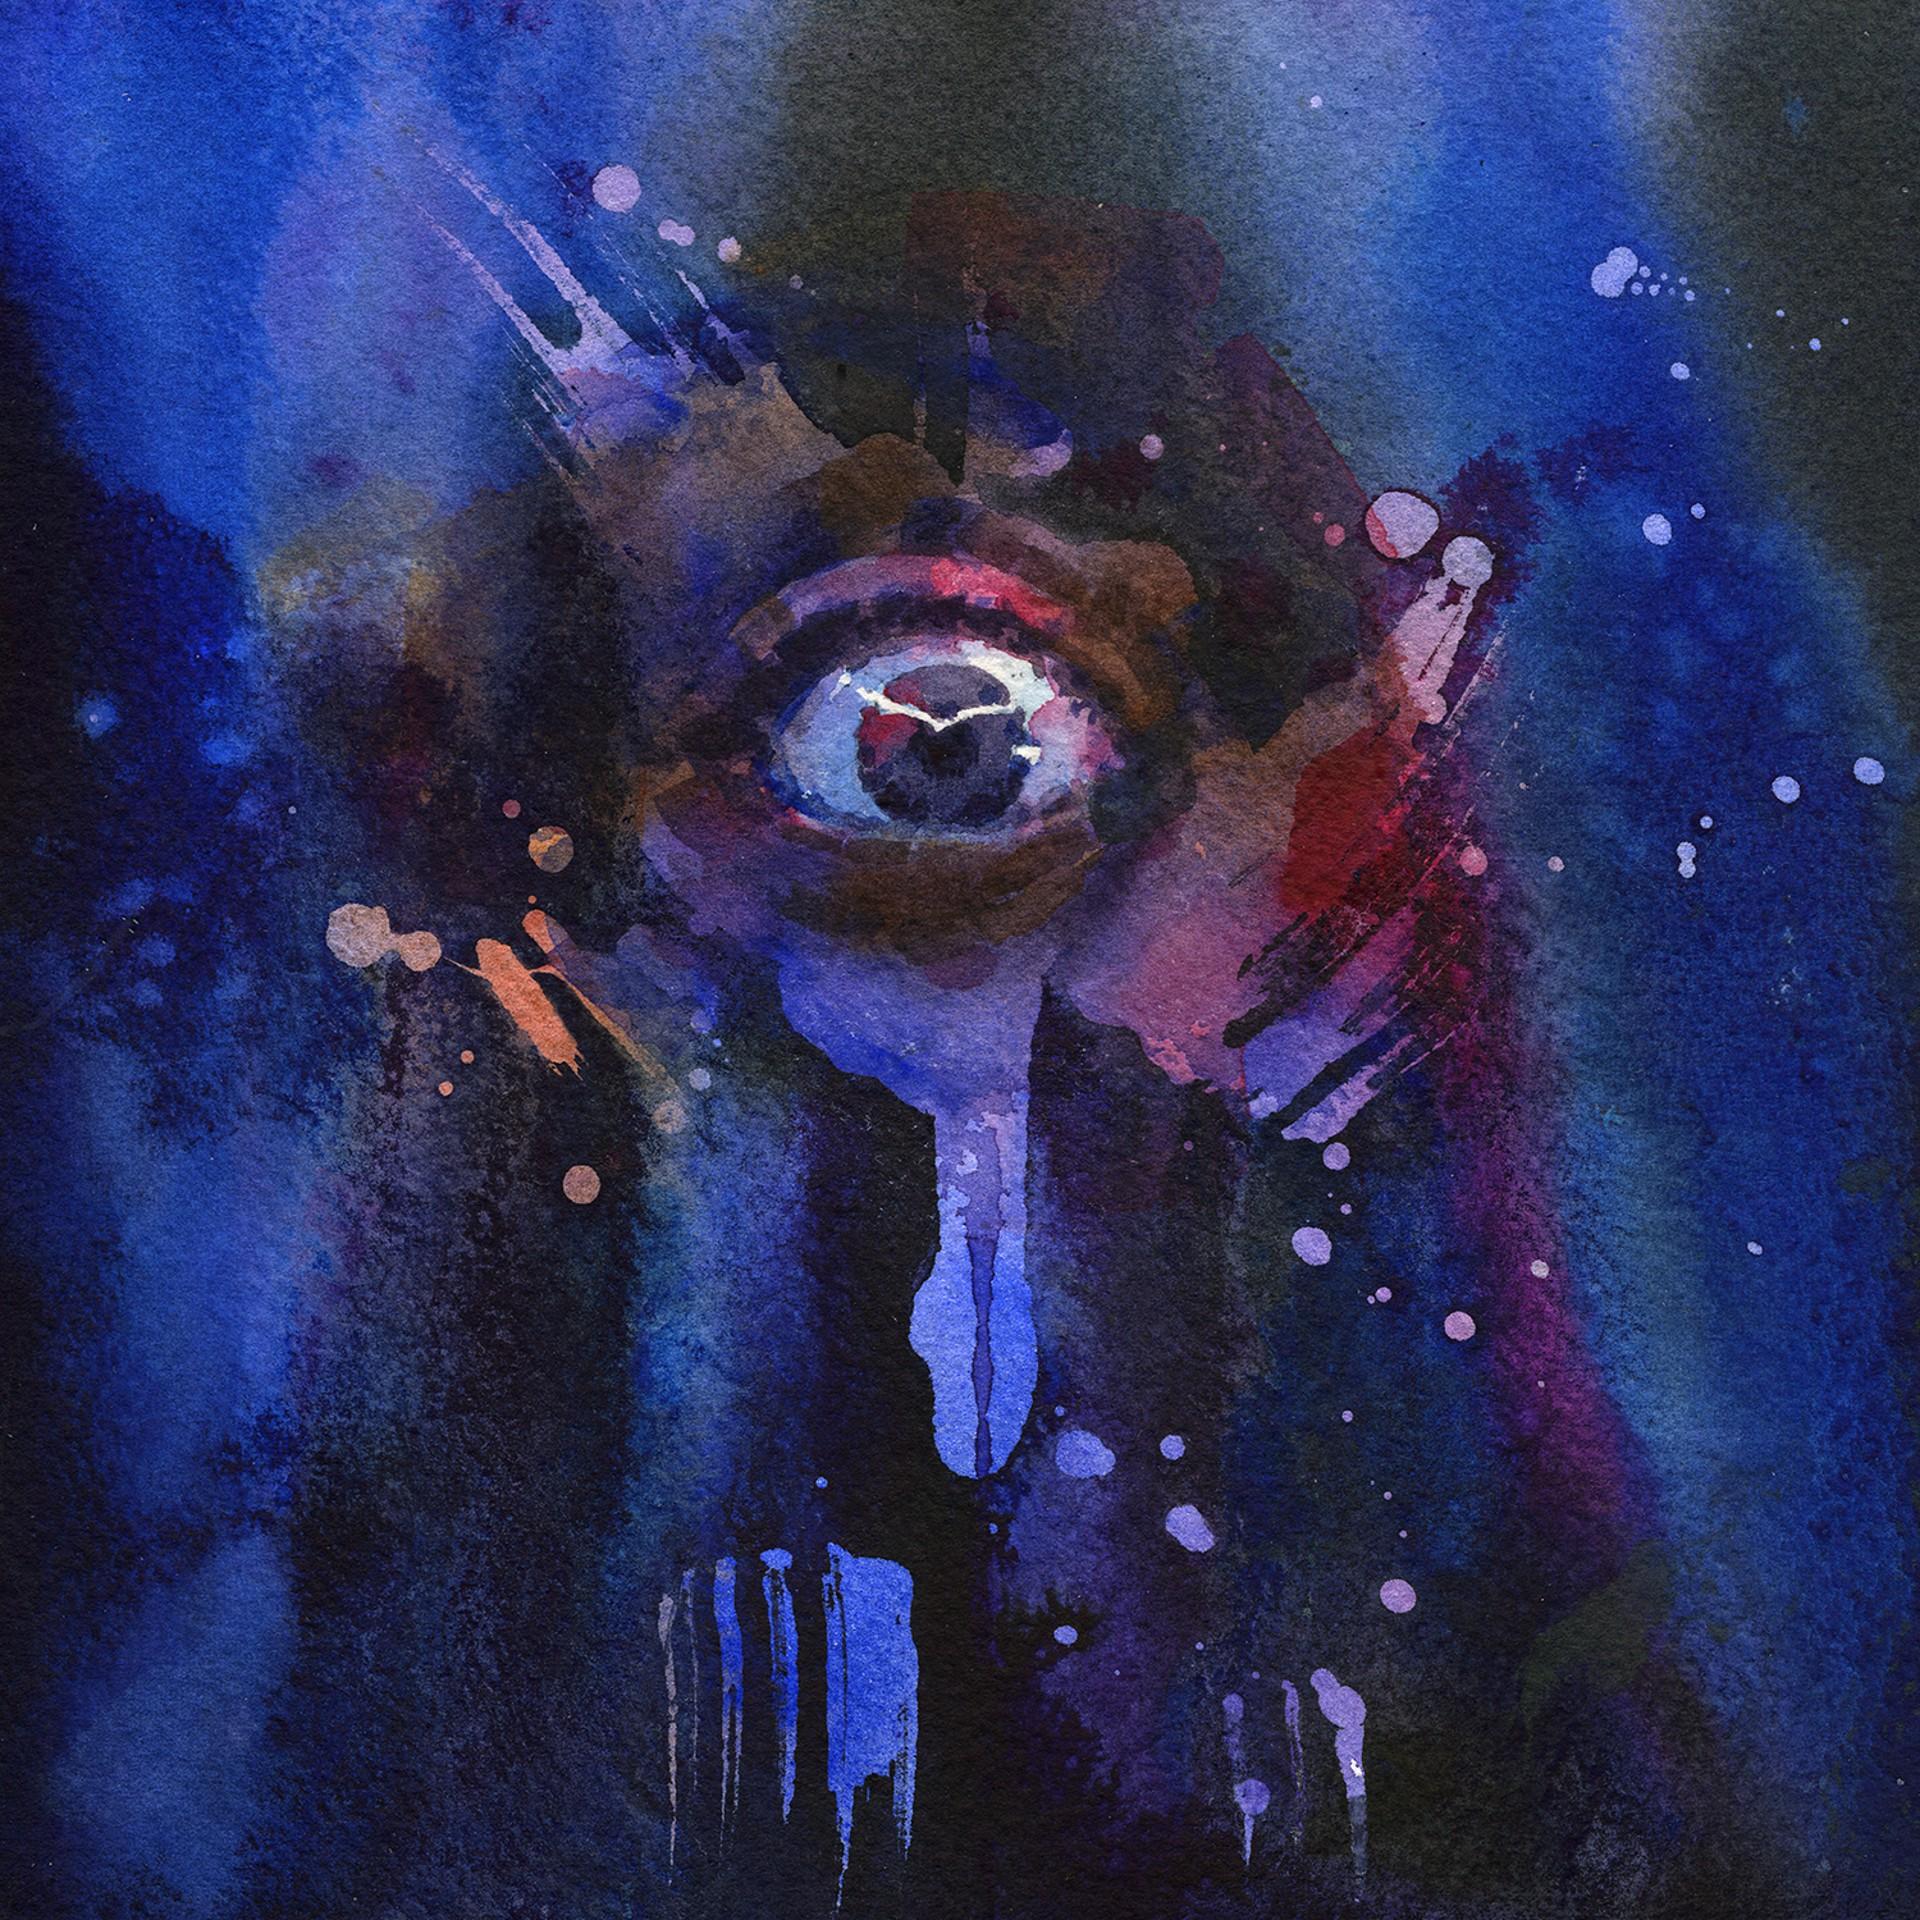 Piercing the Veil - Blue by Joanna Barnum